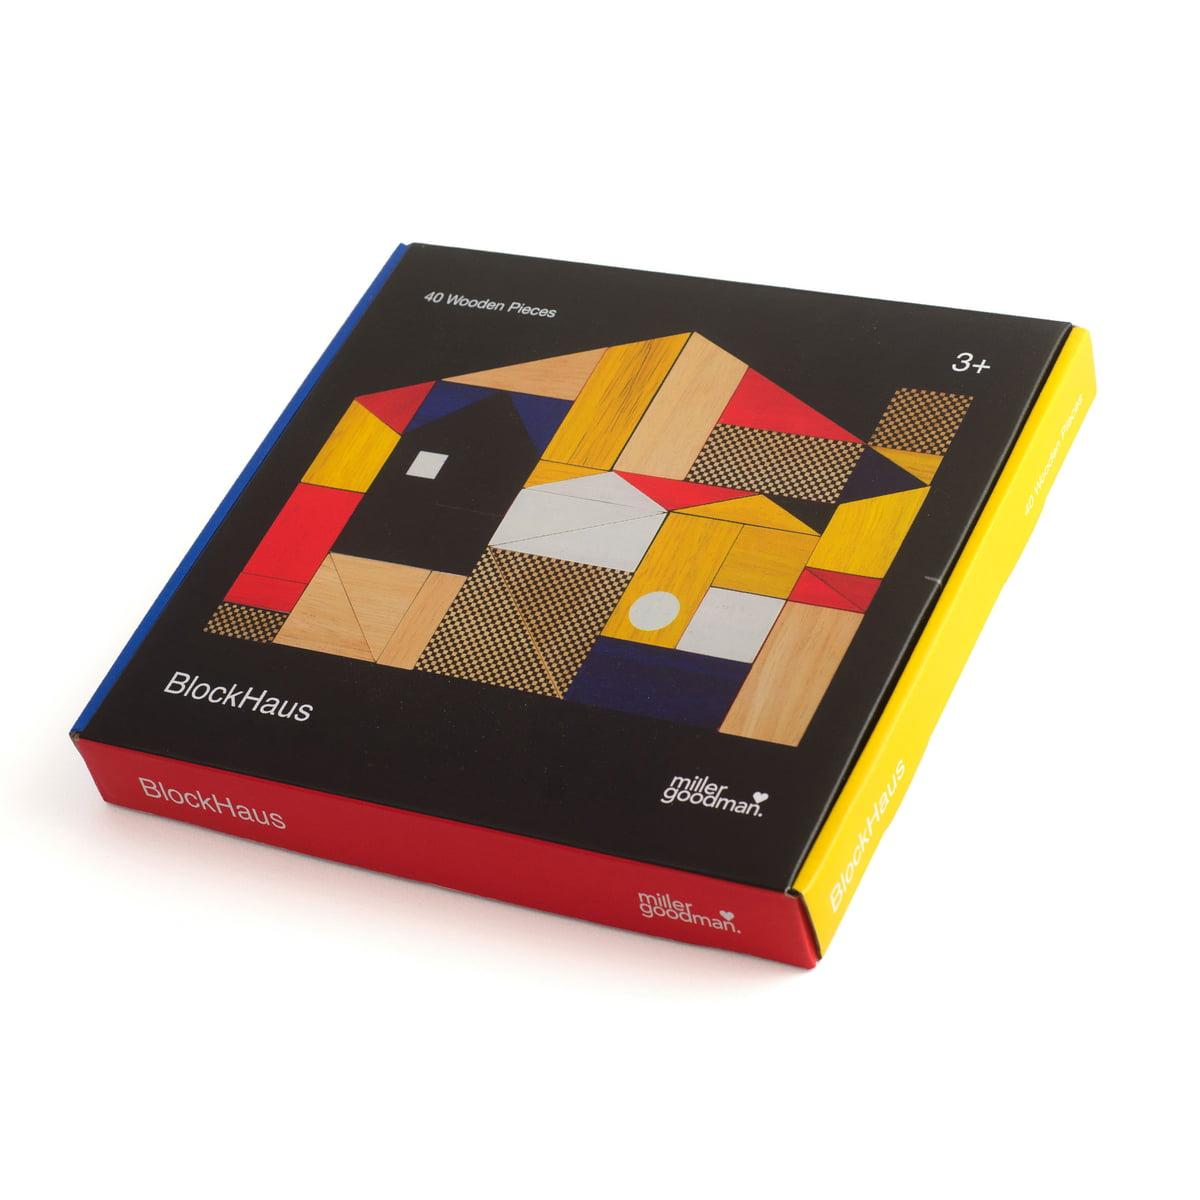 Miller Goodman - BlockHaus Holzspielzeug   Kinderzimmer > Spielzeuge > Holzspielzeuge   Verschiedene farben   Holz des gummi-/kautschukbaums   Miller Goodman